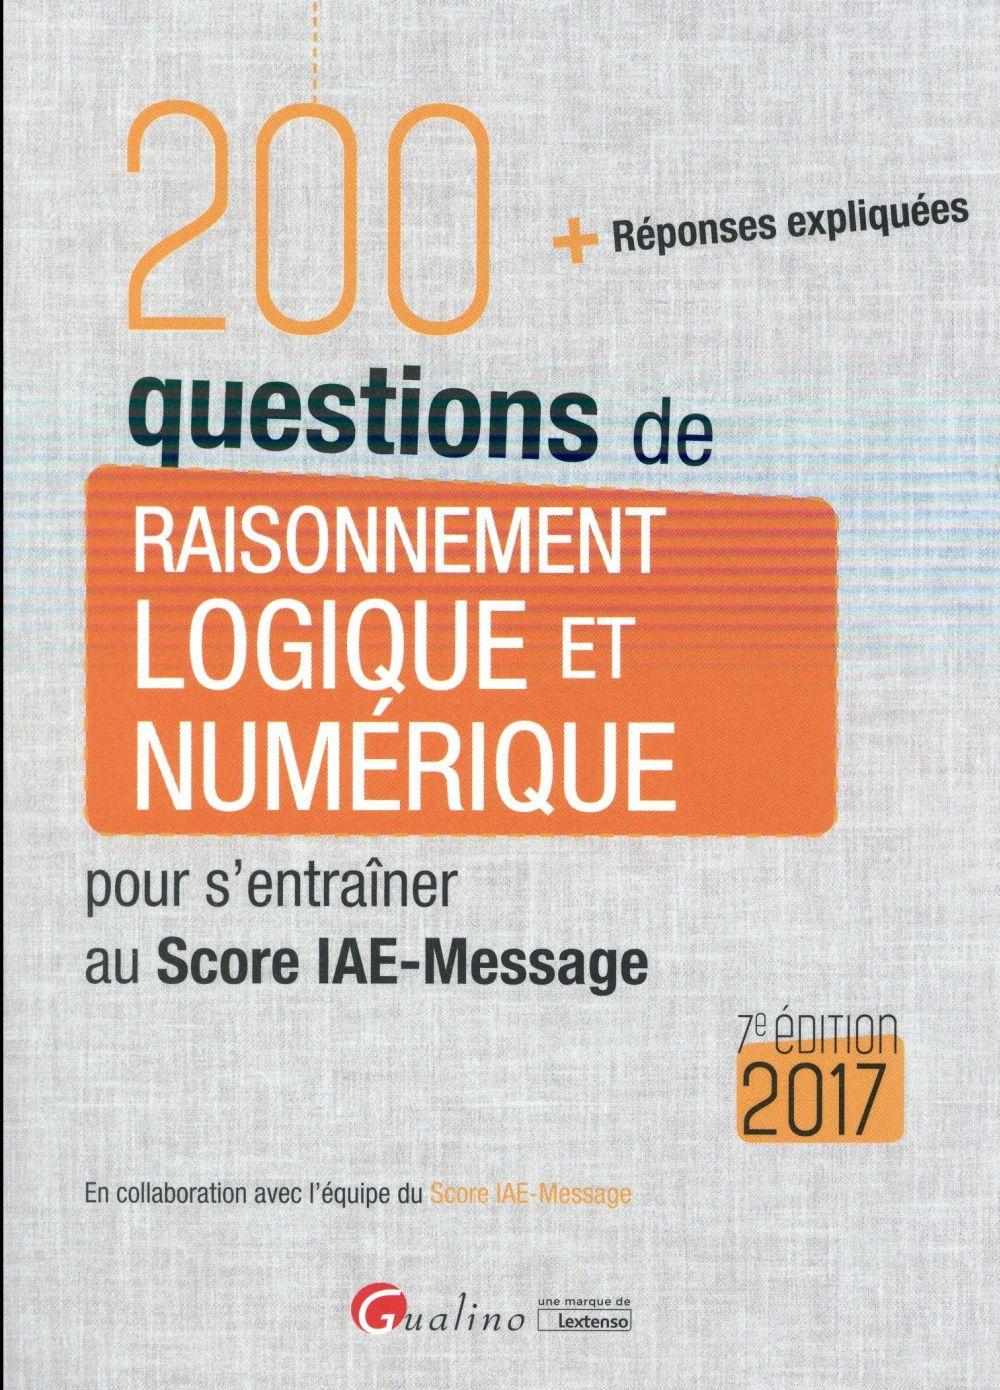 200 questions de raisonnement logique et numérique pour s'entraîner au Score IAE-Message 2017